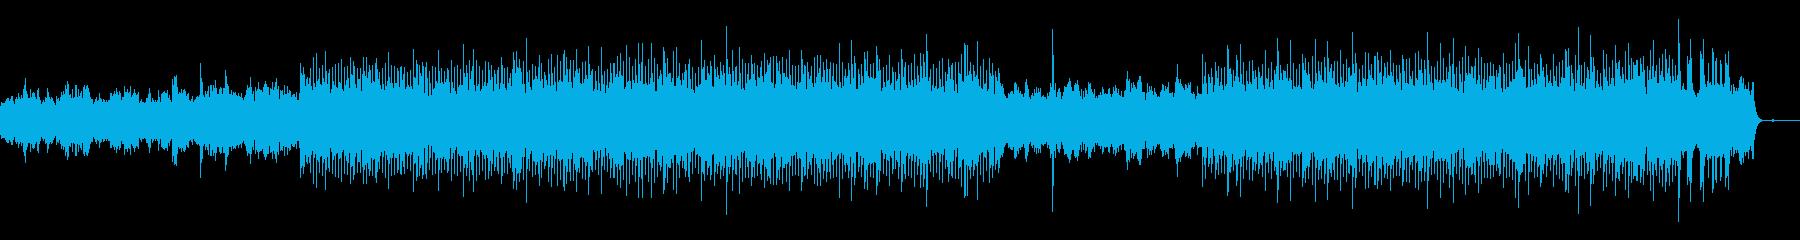 中国の深林-仙人の山の再生済みの波形